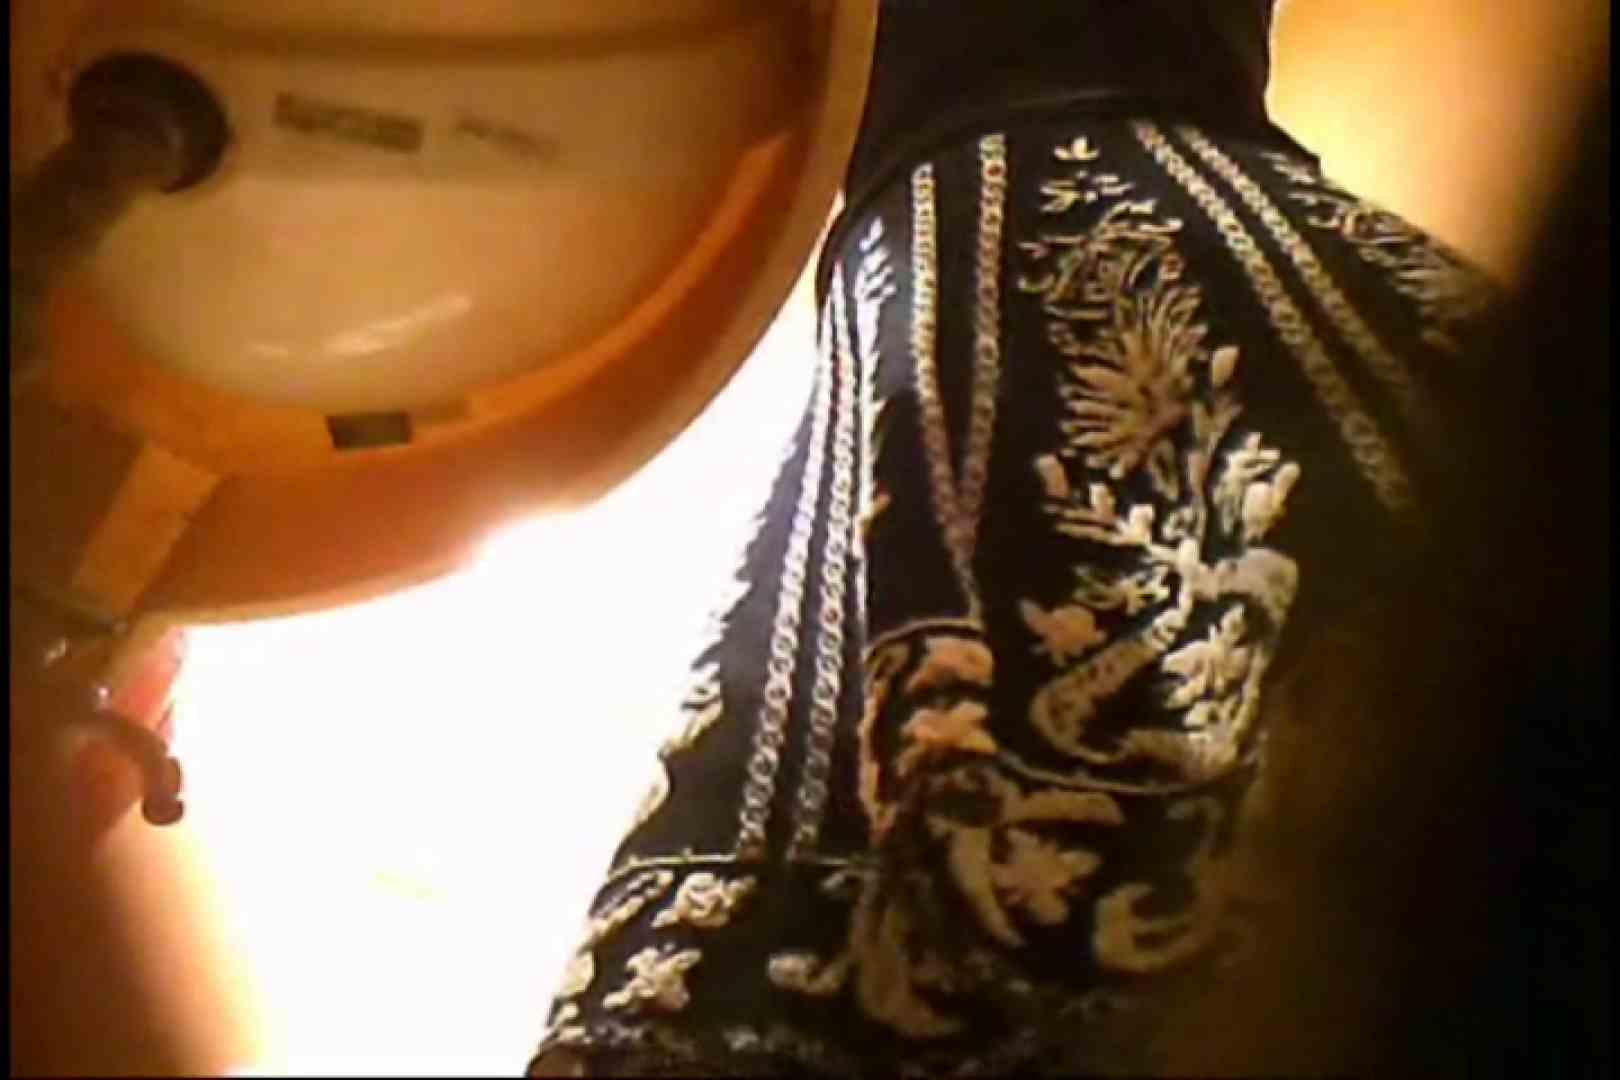 画質向上!新亀さん厠 vol.75 黄金水 オメコ無修正動画無料 99連発 77